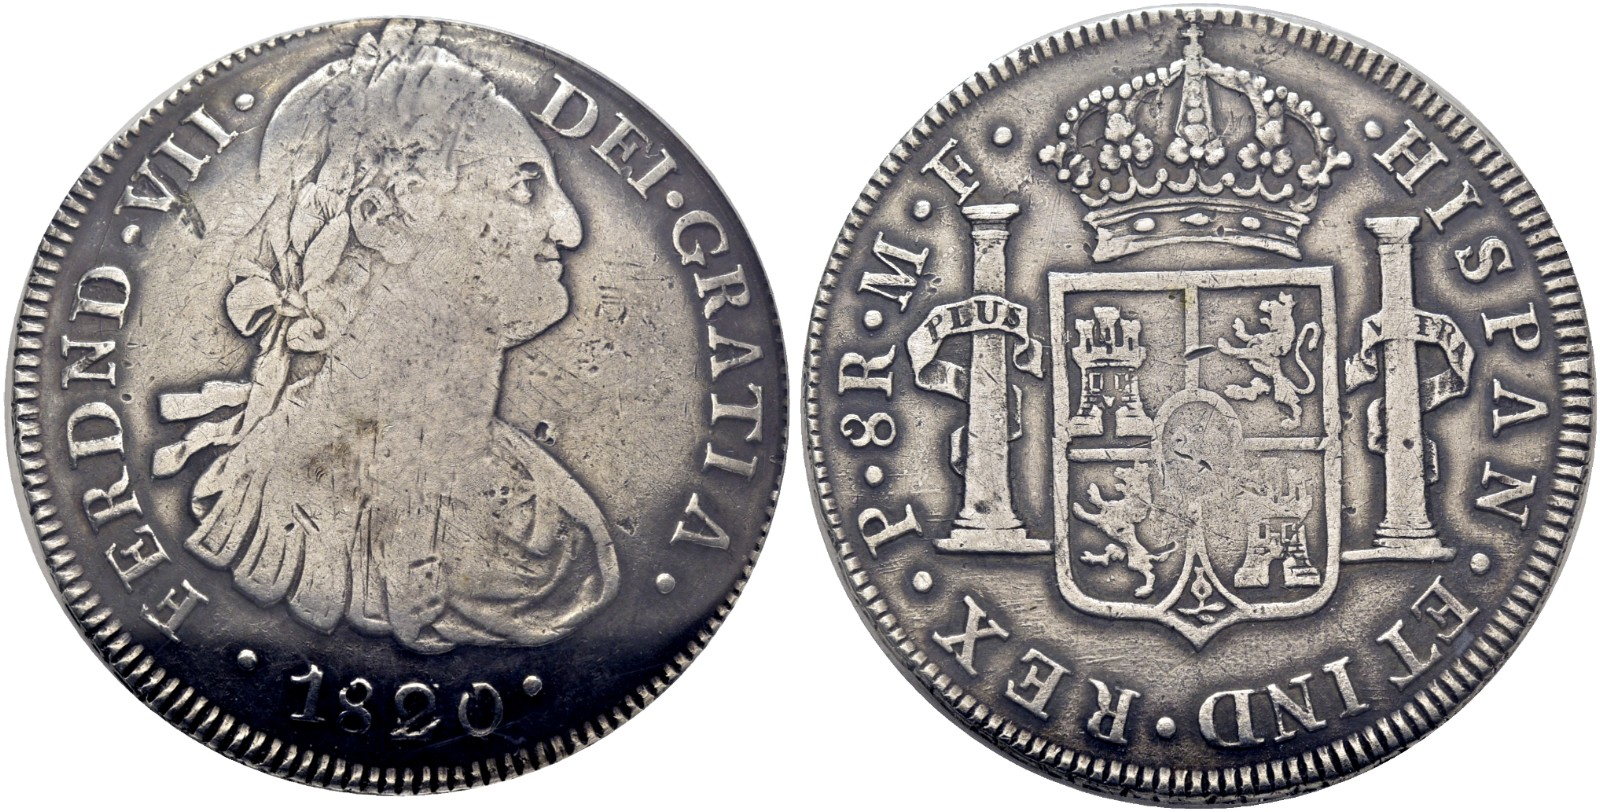 8-reales-de-1820-de-popayan.-rematado-en-9.250-euro.-cayon-subastas